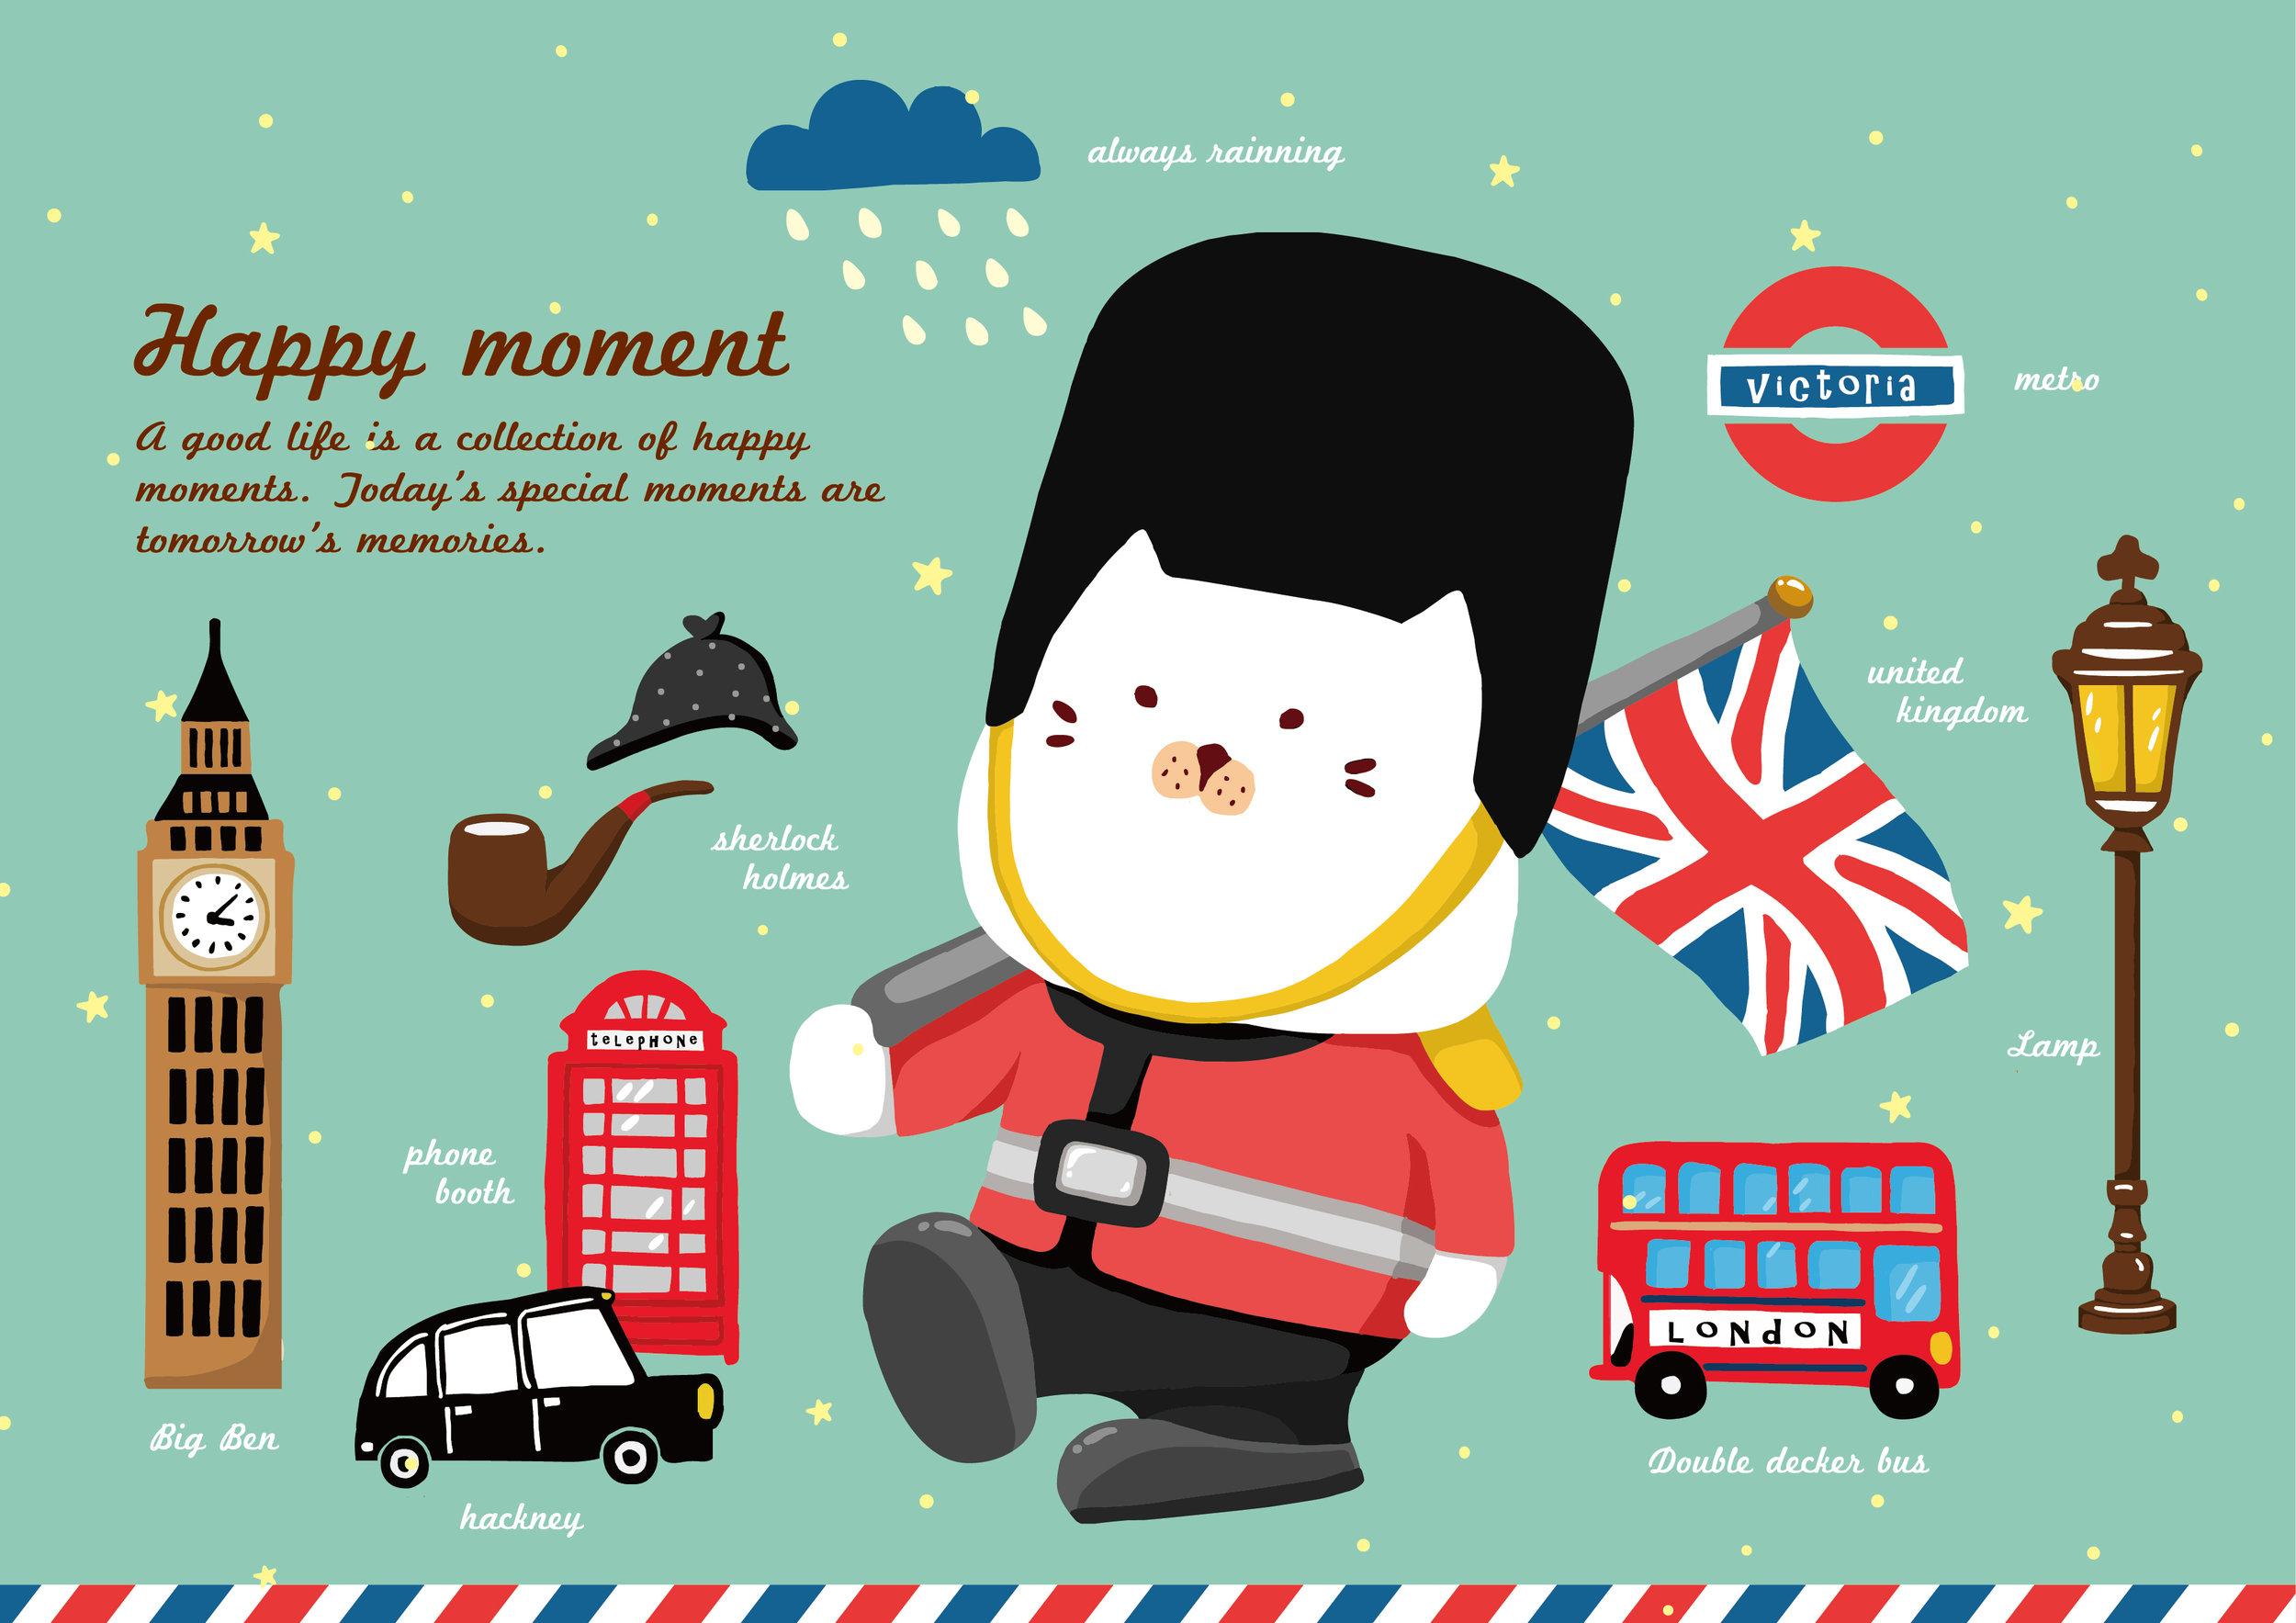 guidebook_cat_06-01.jpg